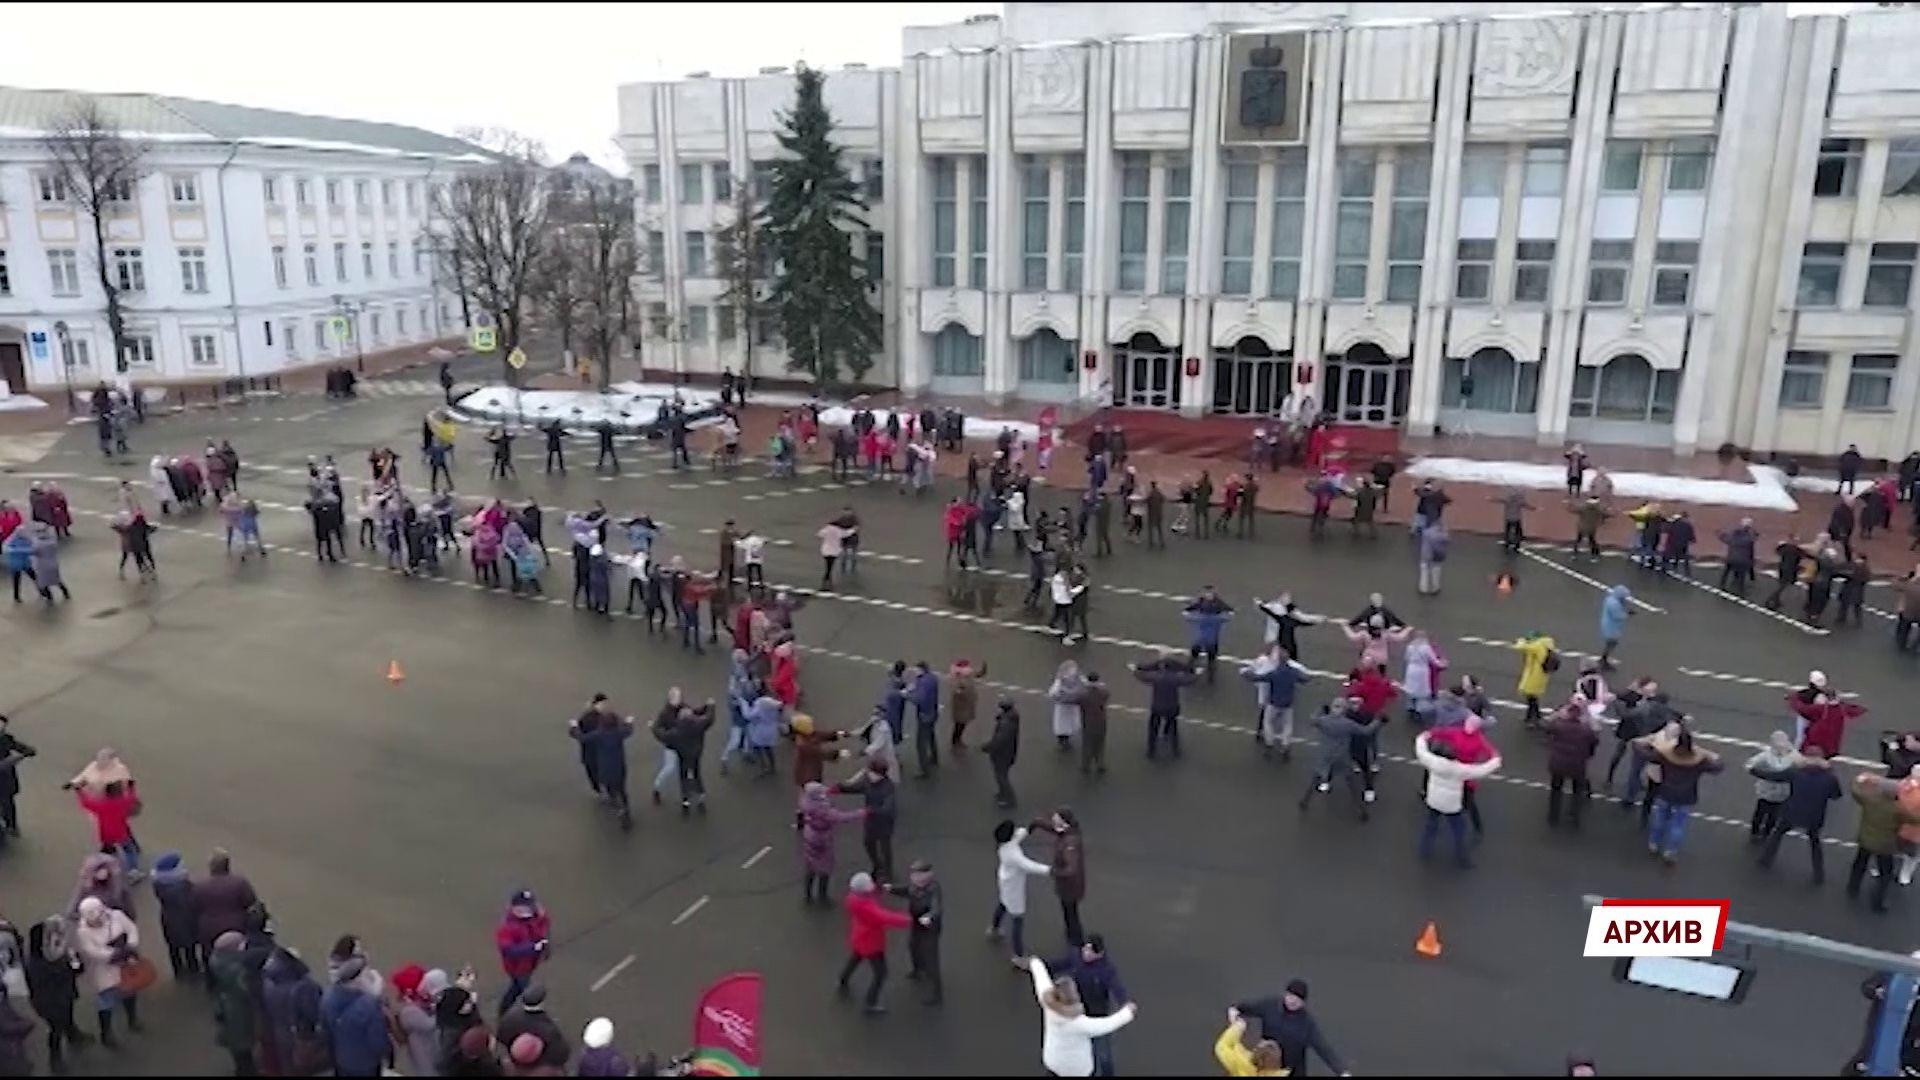 Ярославцы смогут погрузиться в прошлое и закружиться в «Севастопольском вальсе»